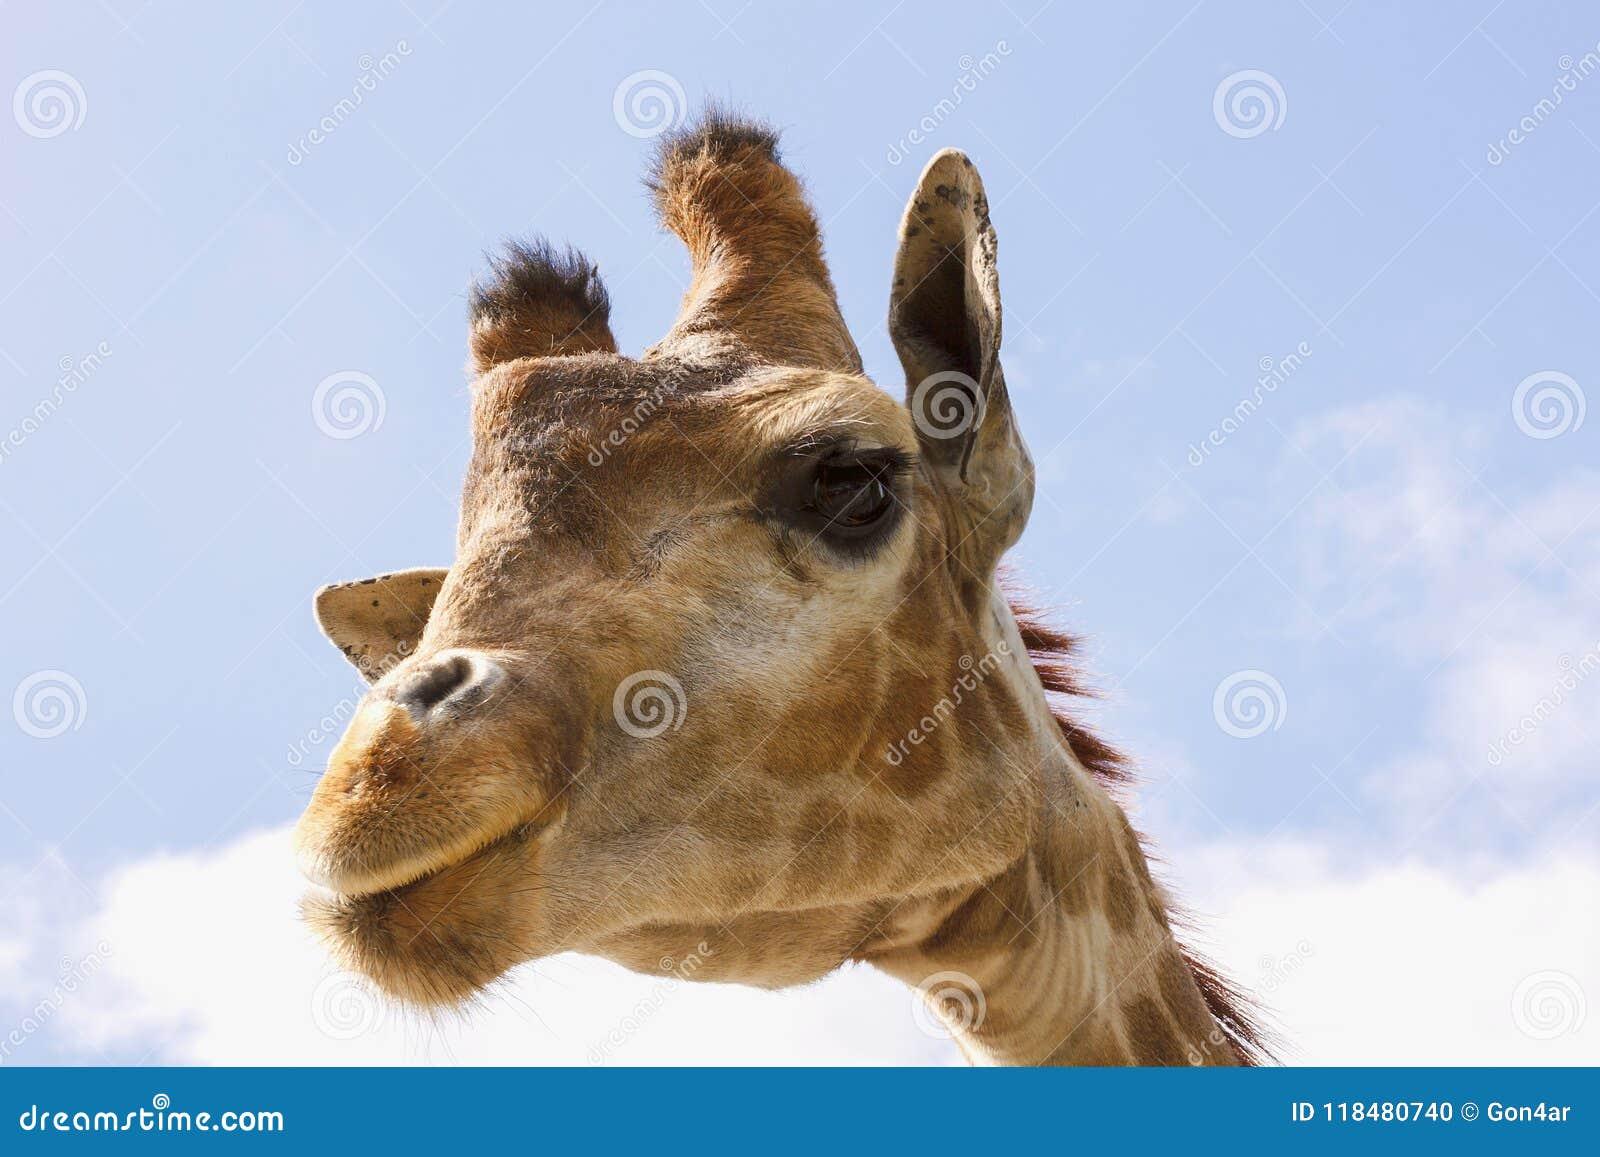 Girafa engraçado da cara com pestanas longas e um pescoço estreito